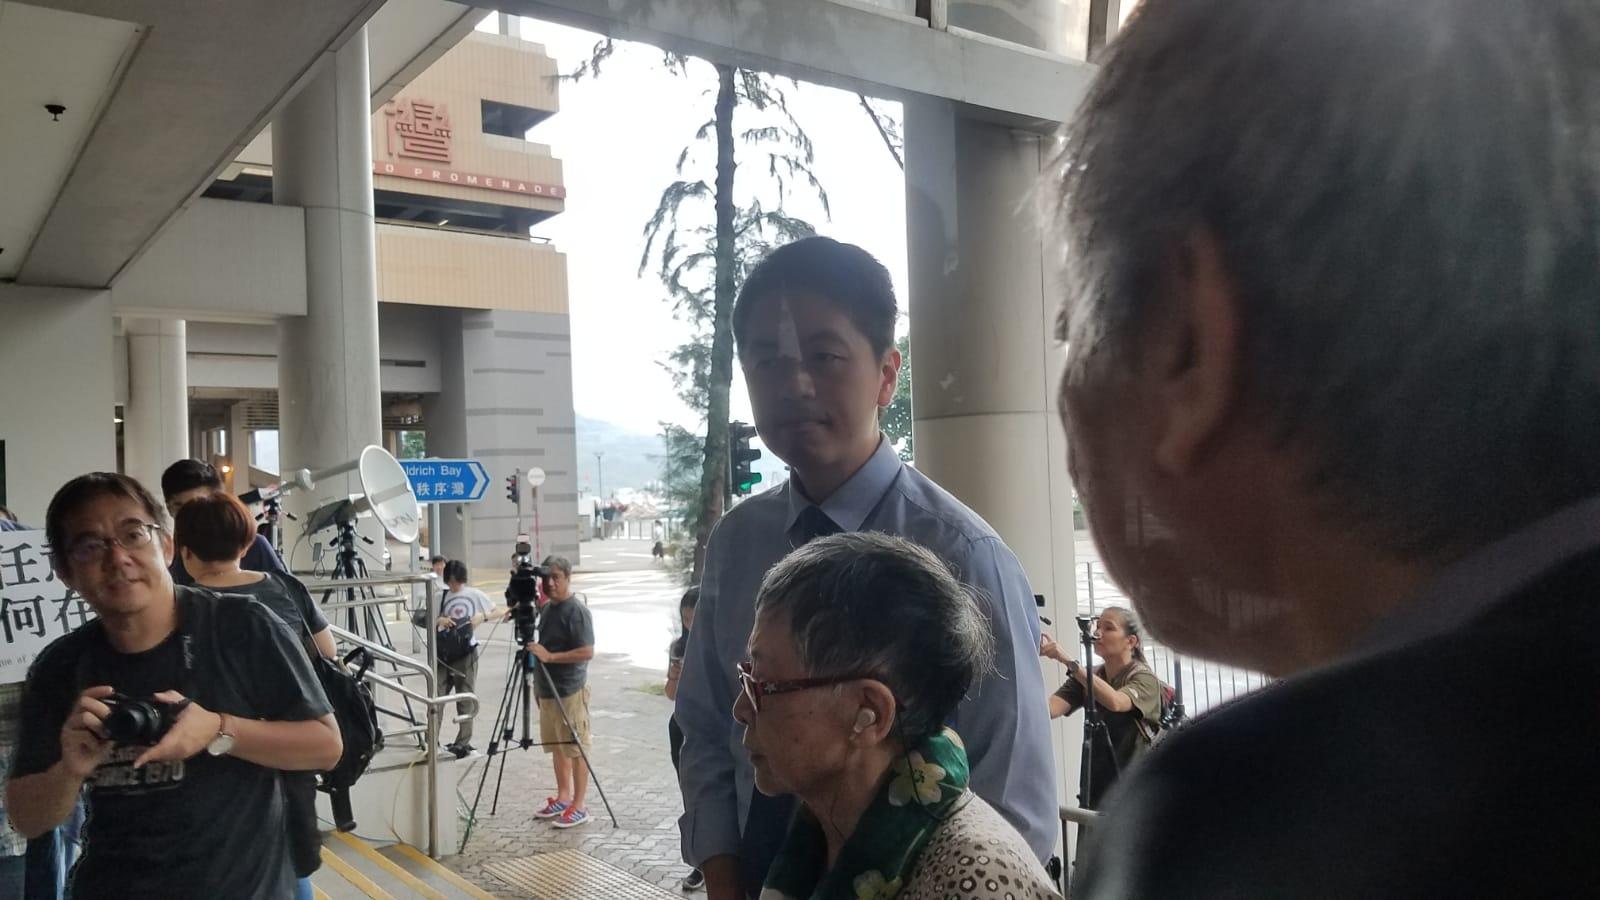 許智峯抵達東區裁判法院。陳楚琨攝